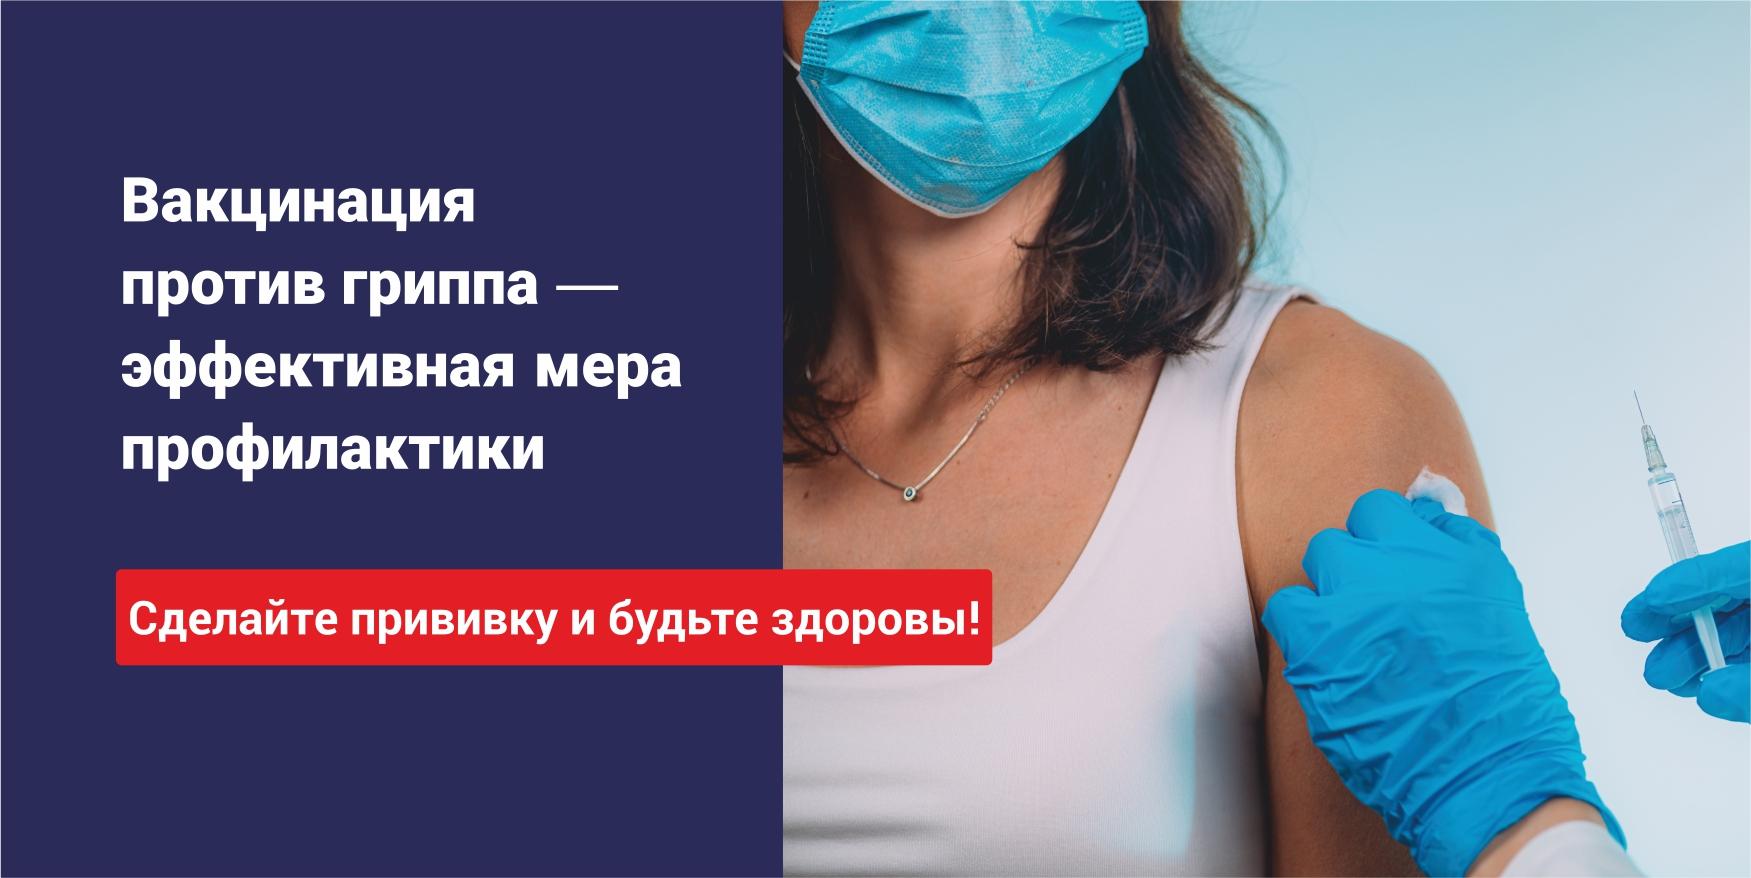 В Тверской области от гриппа и ОРВИ привито более 60 тысяч человек